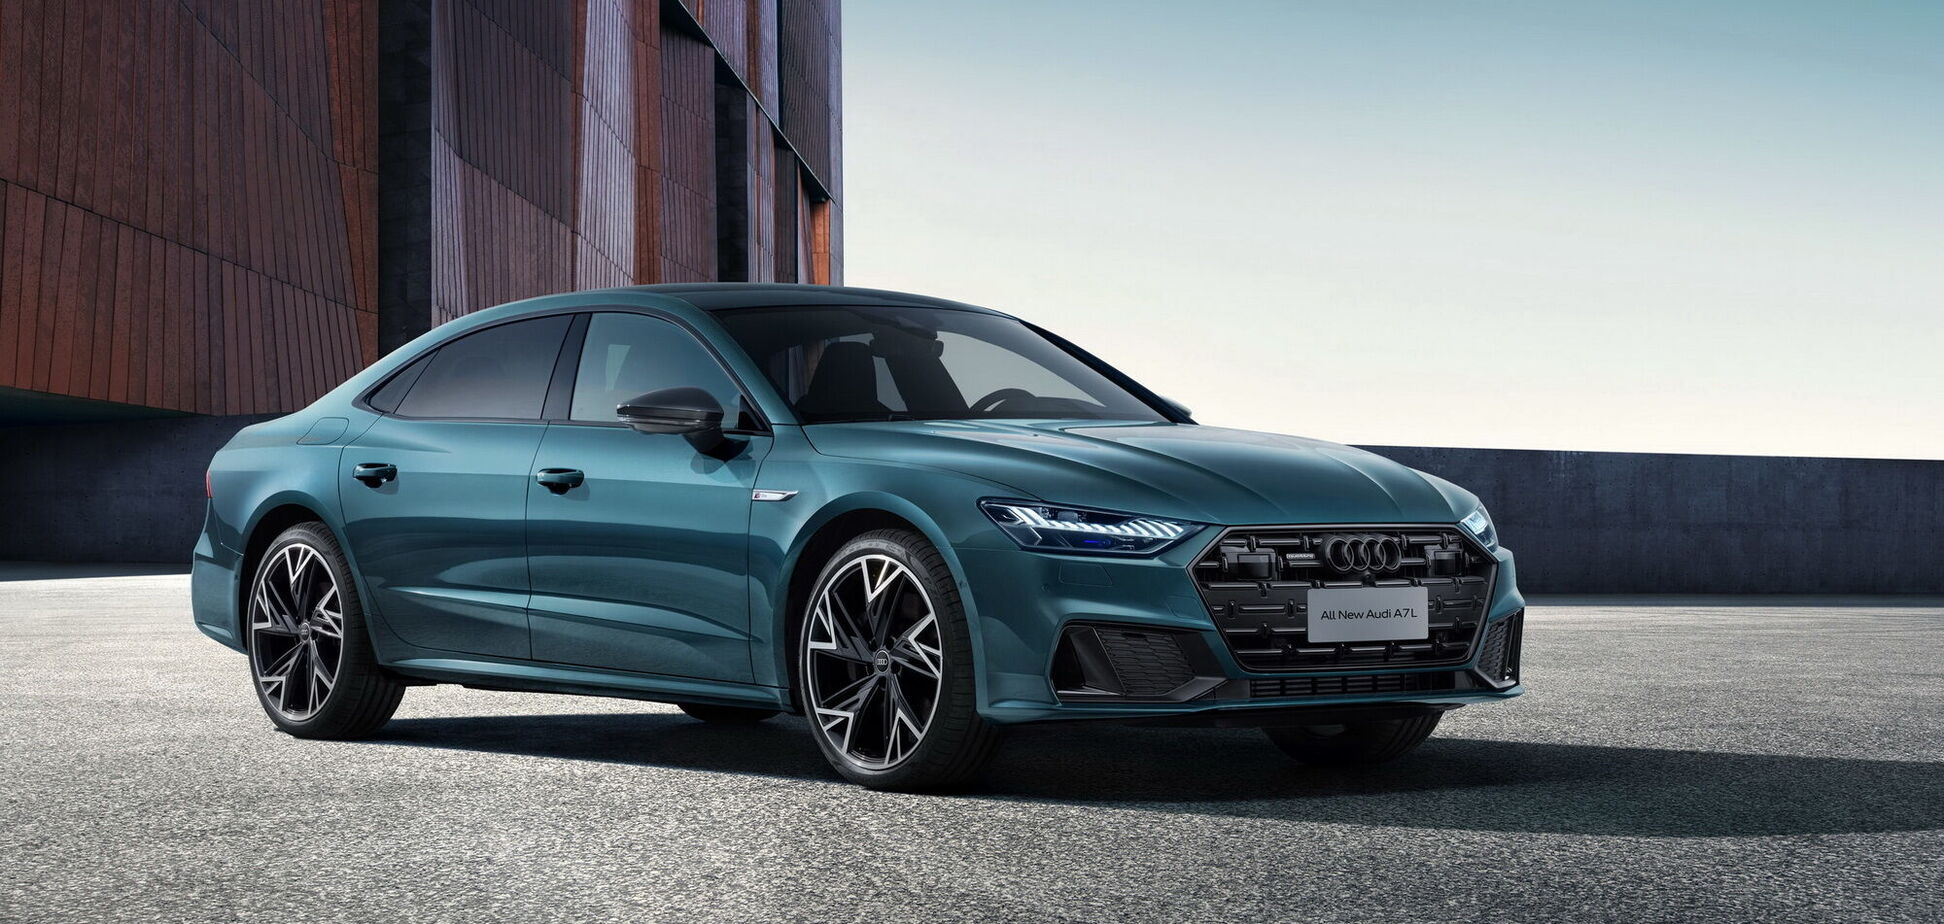 Для Китаю розробили седан Audi A7L